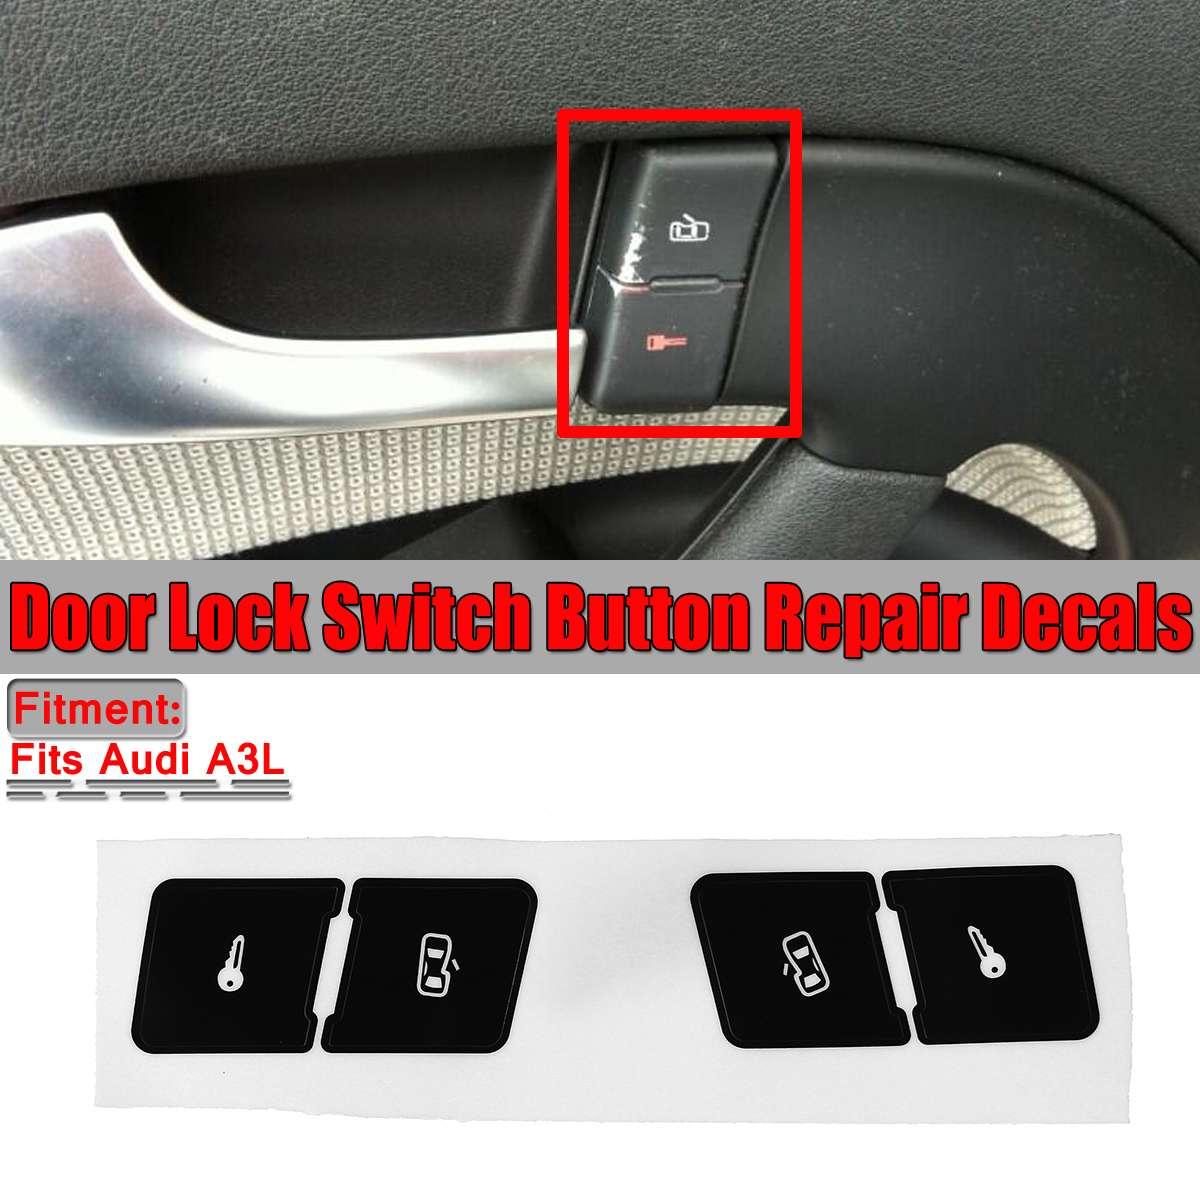 Sol + Sağ Mat Siyah Araba Kapı Kilidi Kontrol Anahtarı Düğmesi Onarım Çıkartmalar Çıkartmaları Audi A3L Sabit Çirkin Düğmesi araba Çıkartmaları